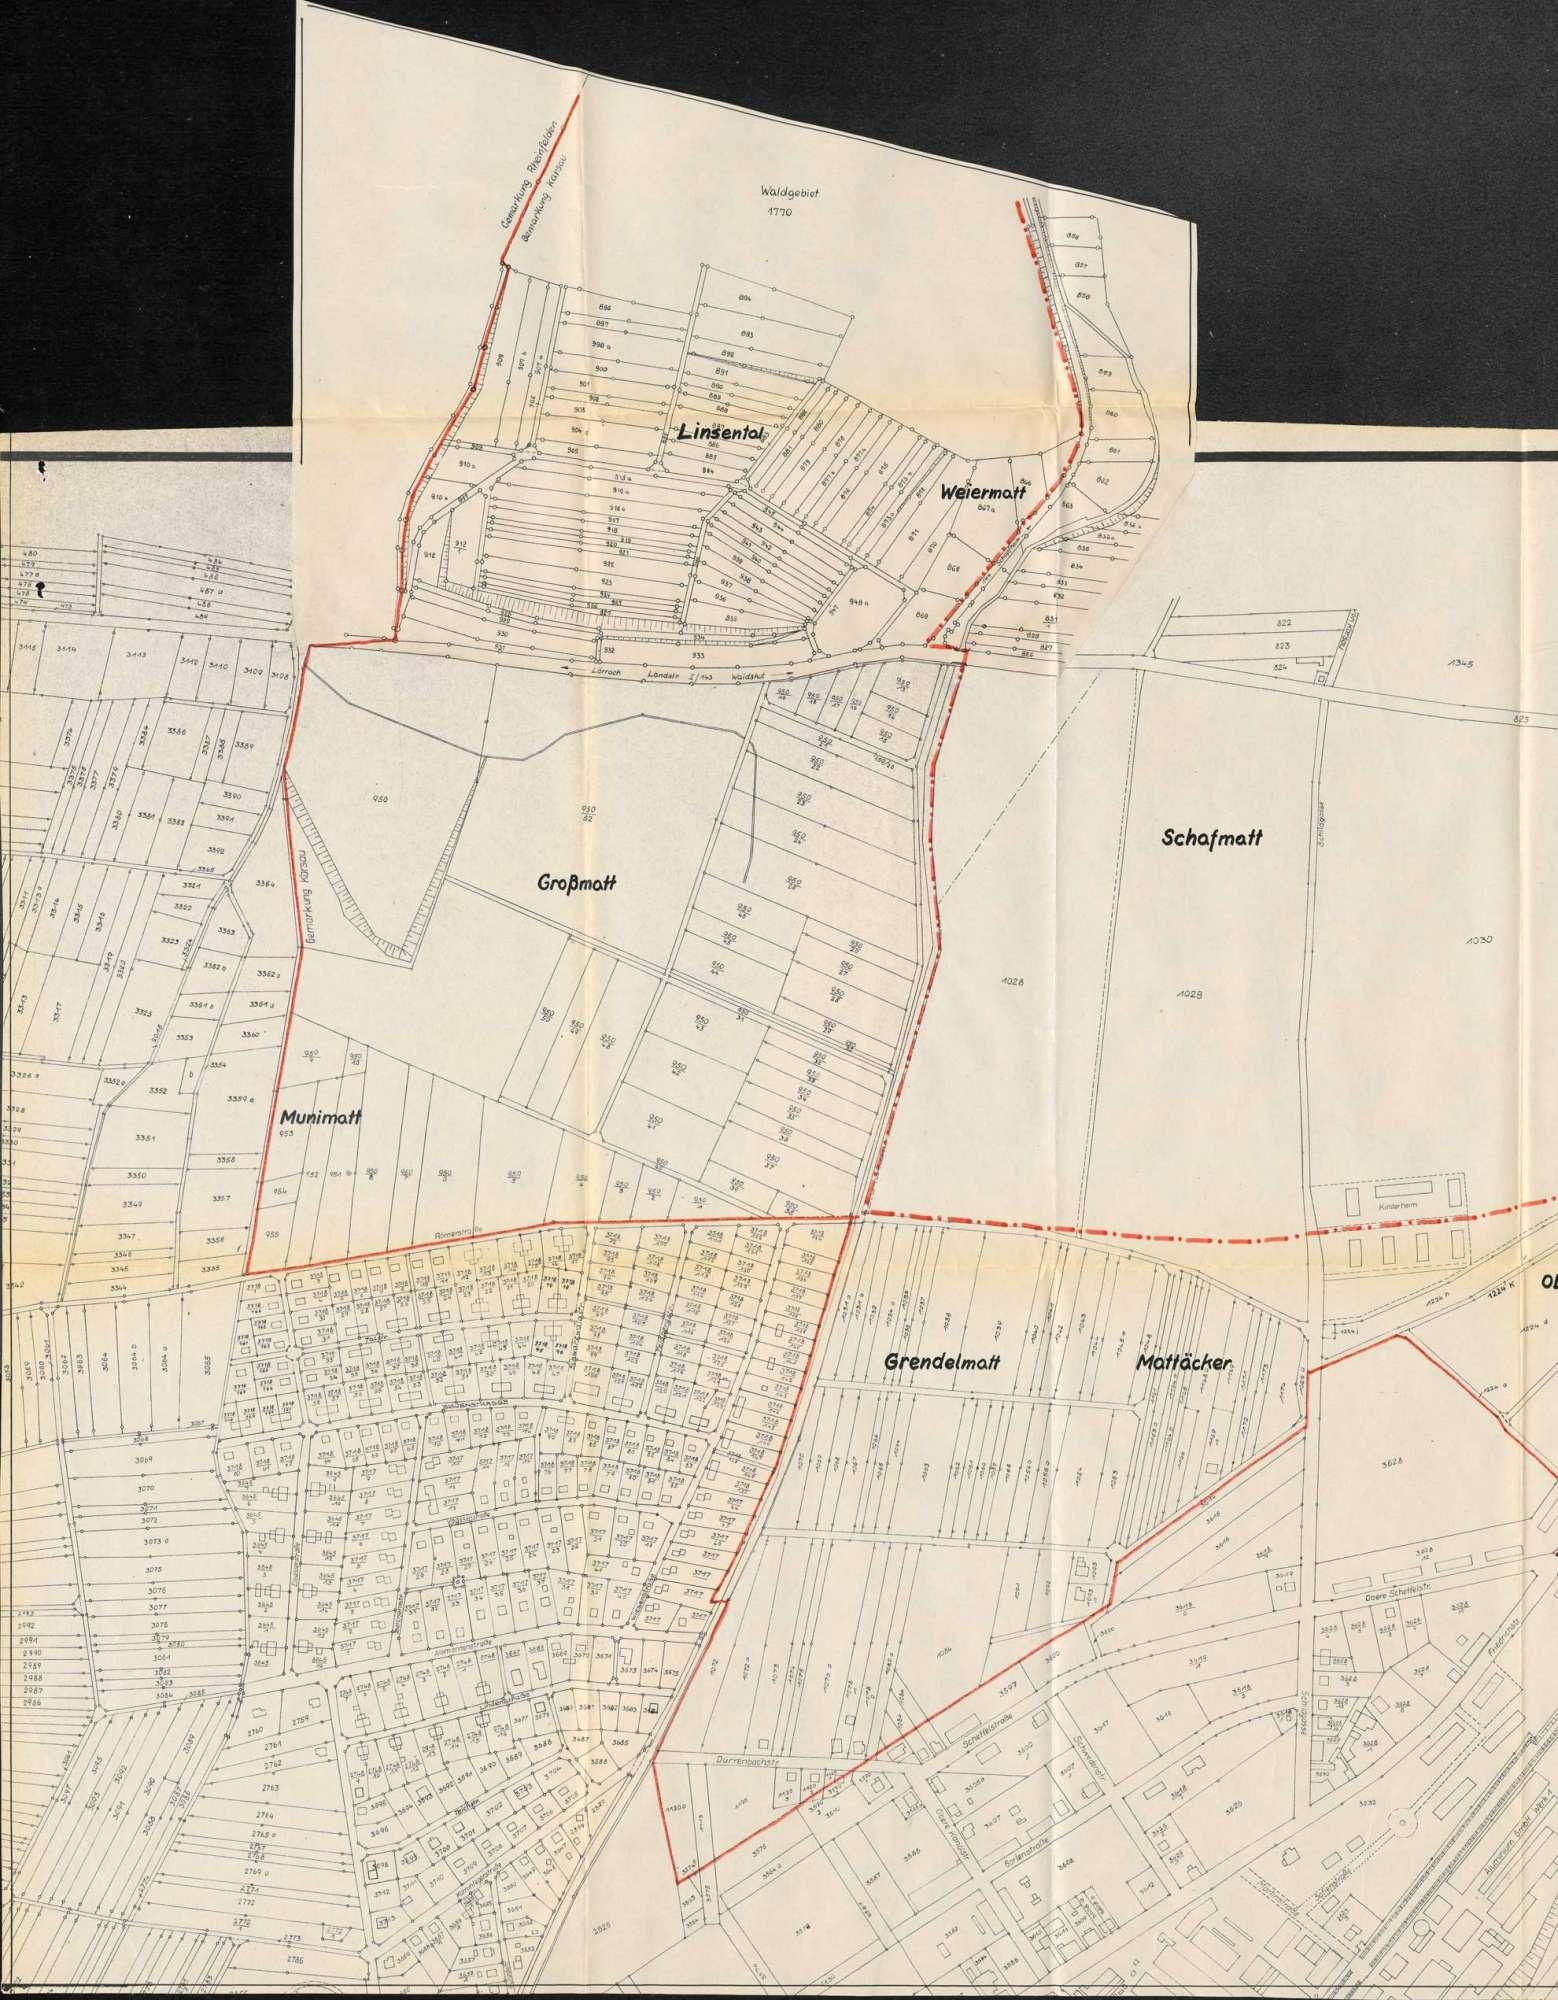 Erweiterung des Gemeindegebietes der Stadt Rheinfelden (Baden) durch Eingliederung von Teilen der Gemarkung Karsau, Bild 2